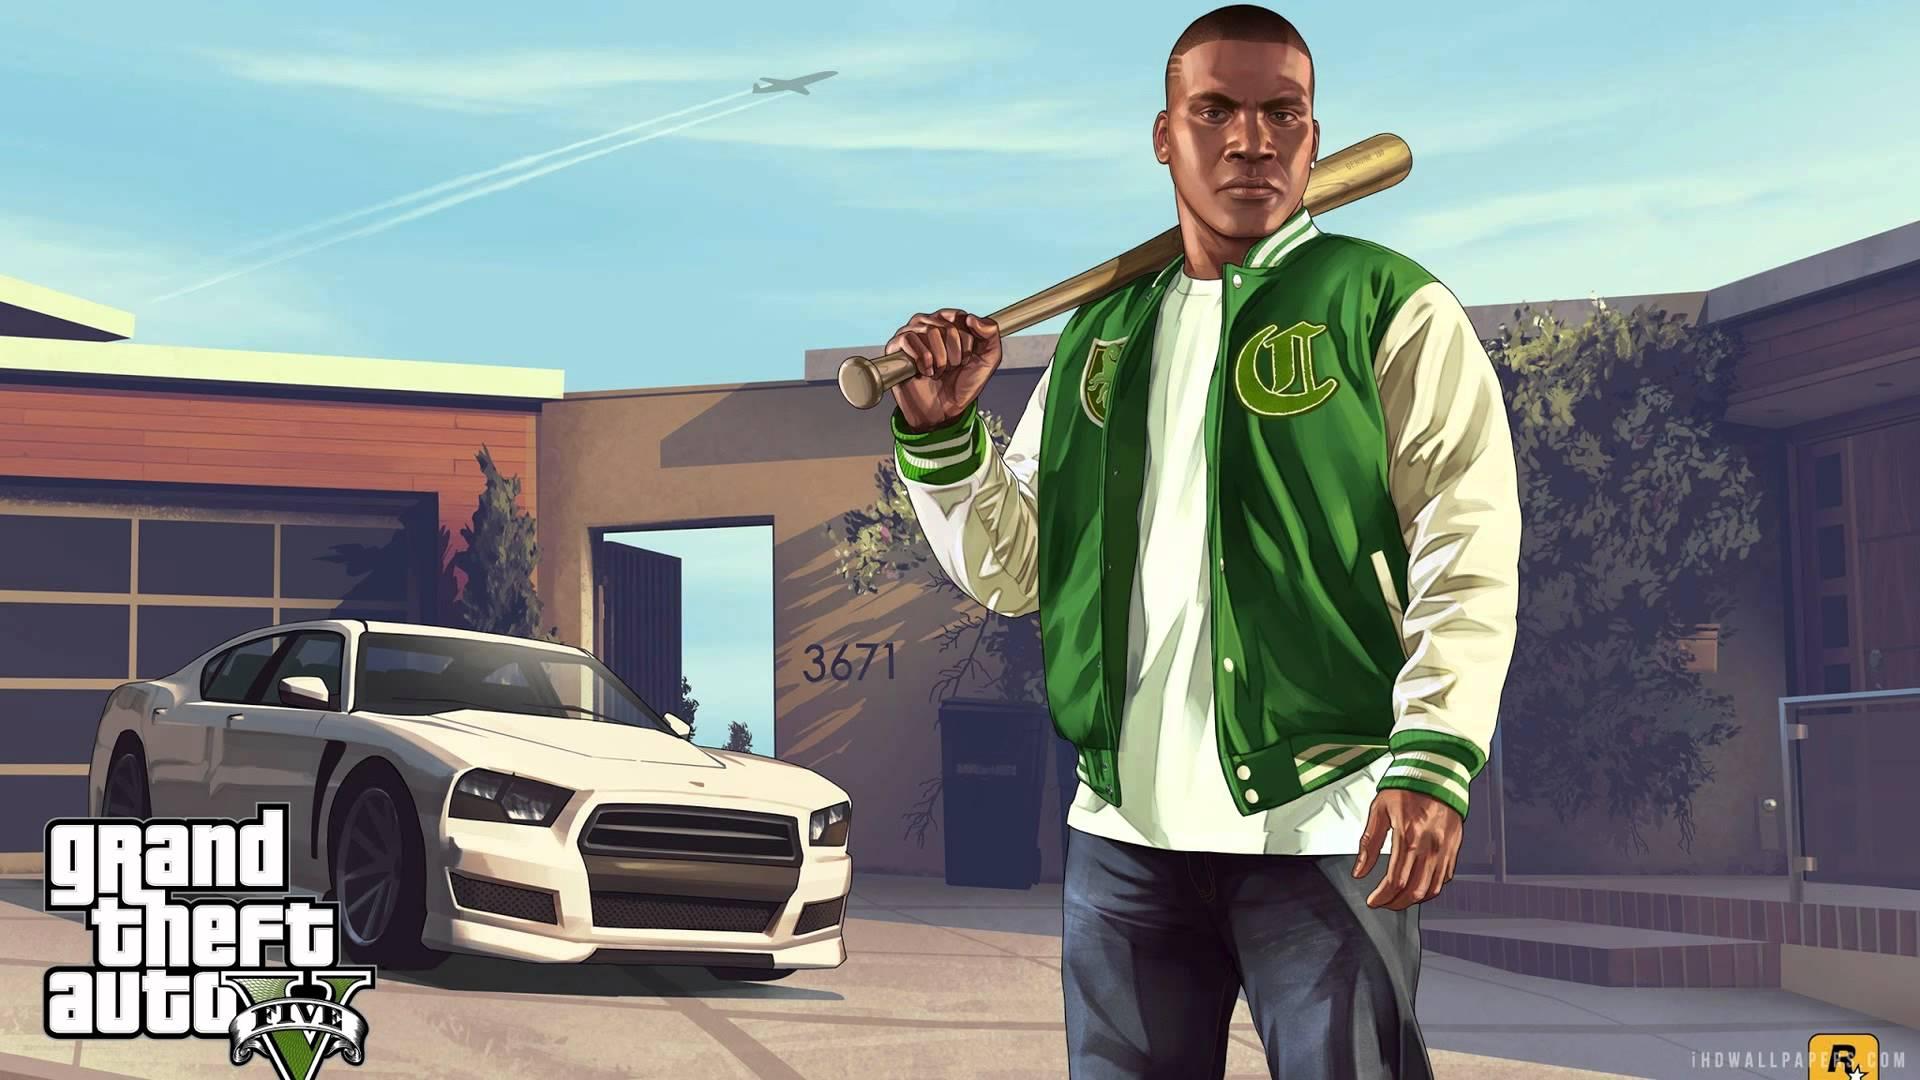 Gta V Car Wallpaper Grand Theft Auto V Wallpapers Wallpaper Cave